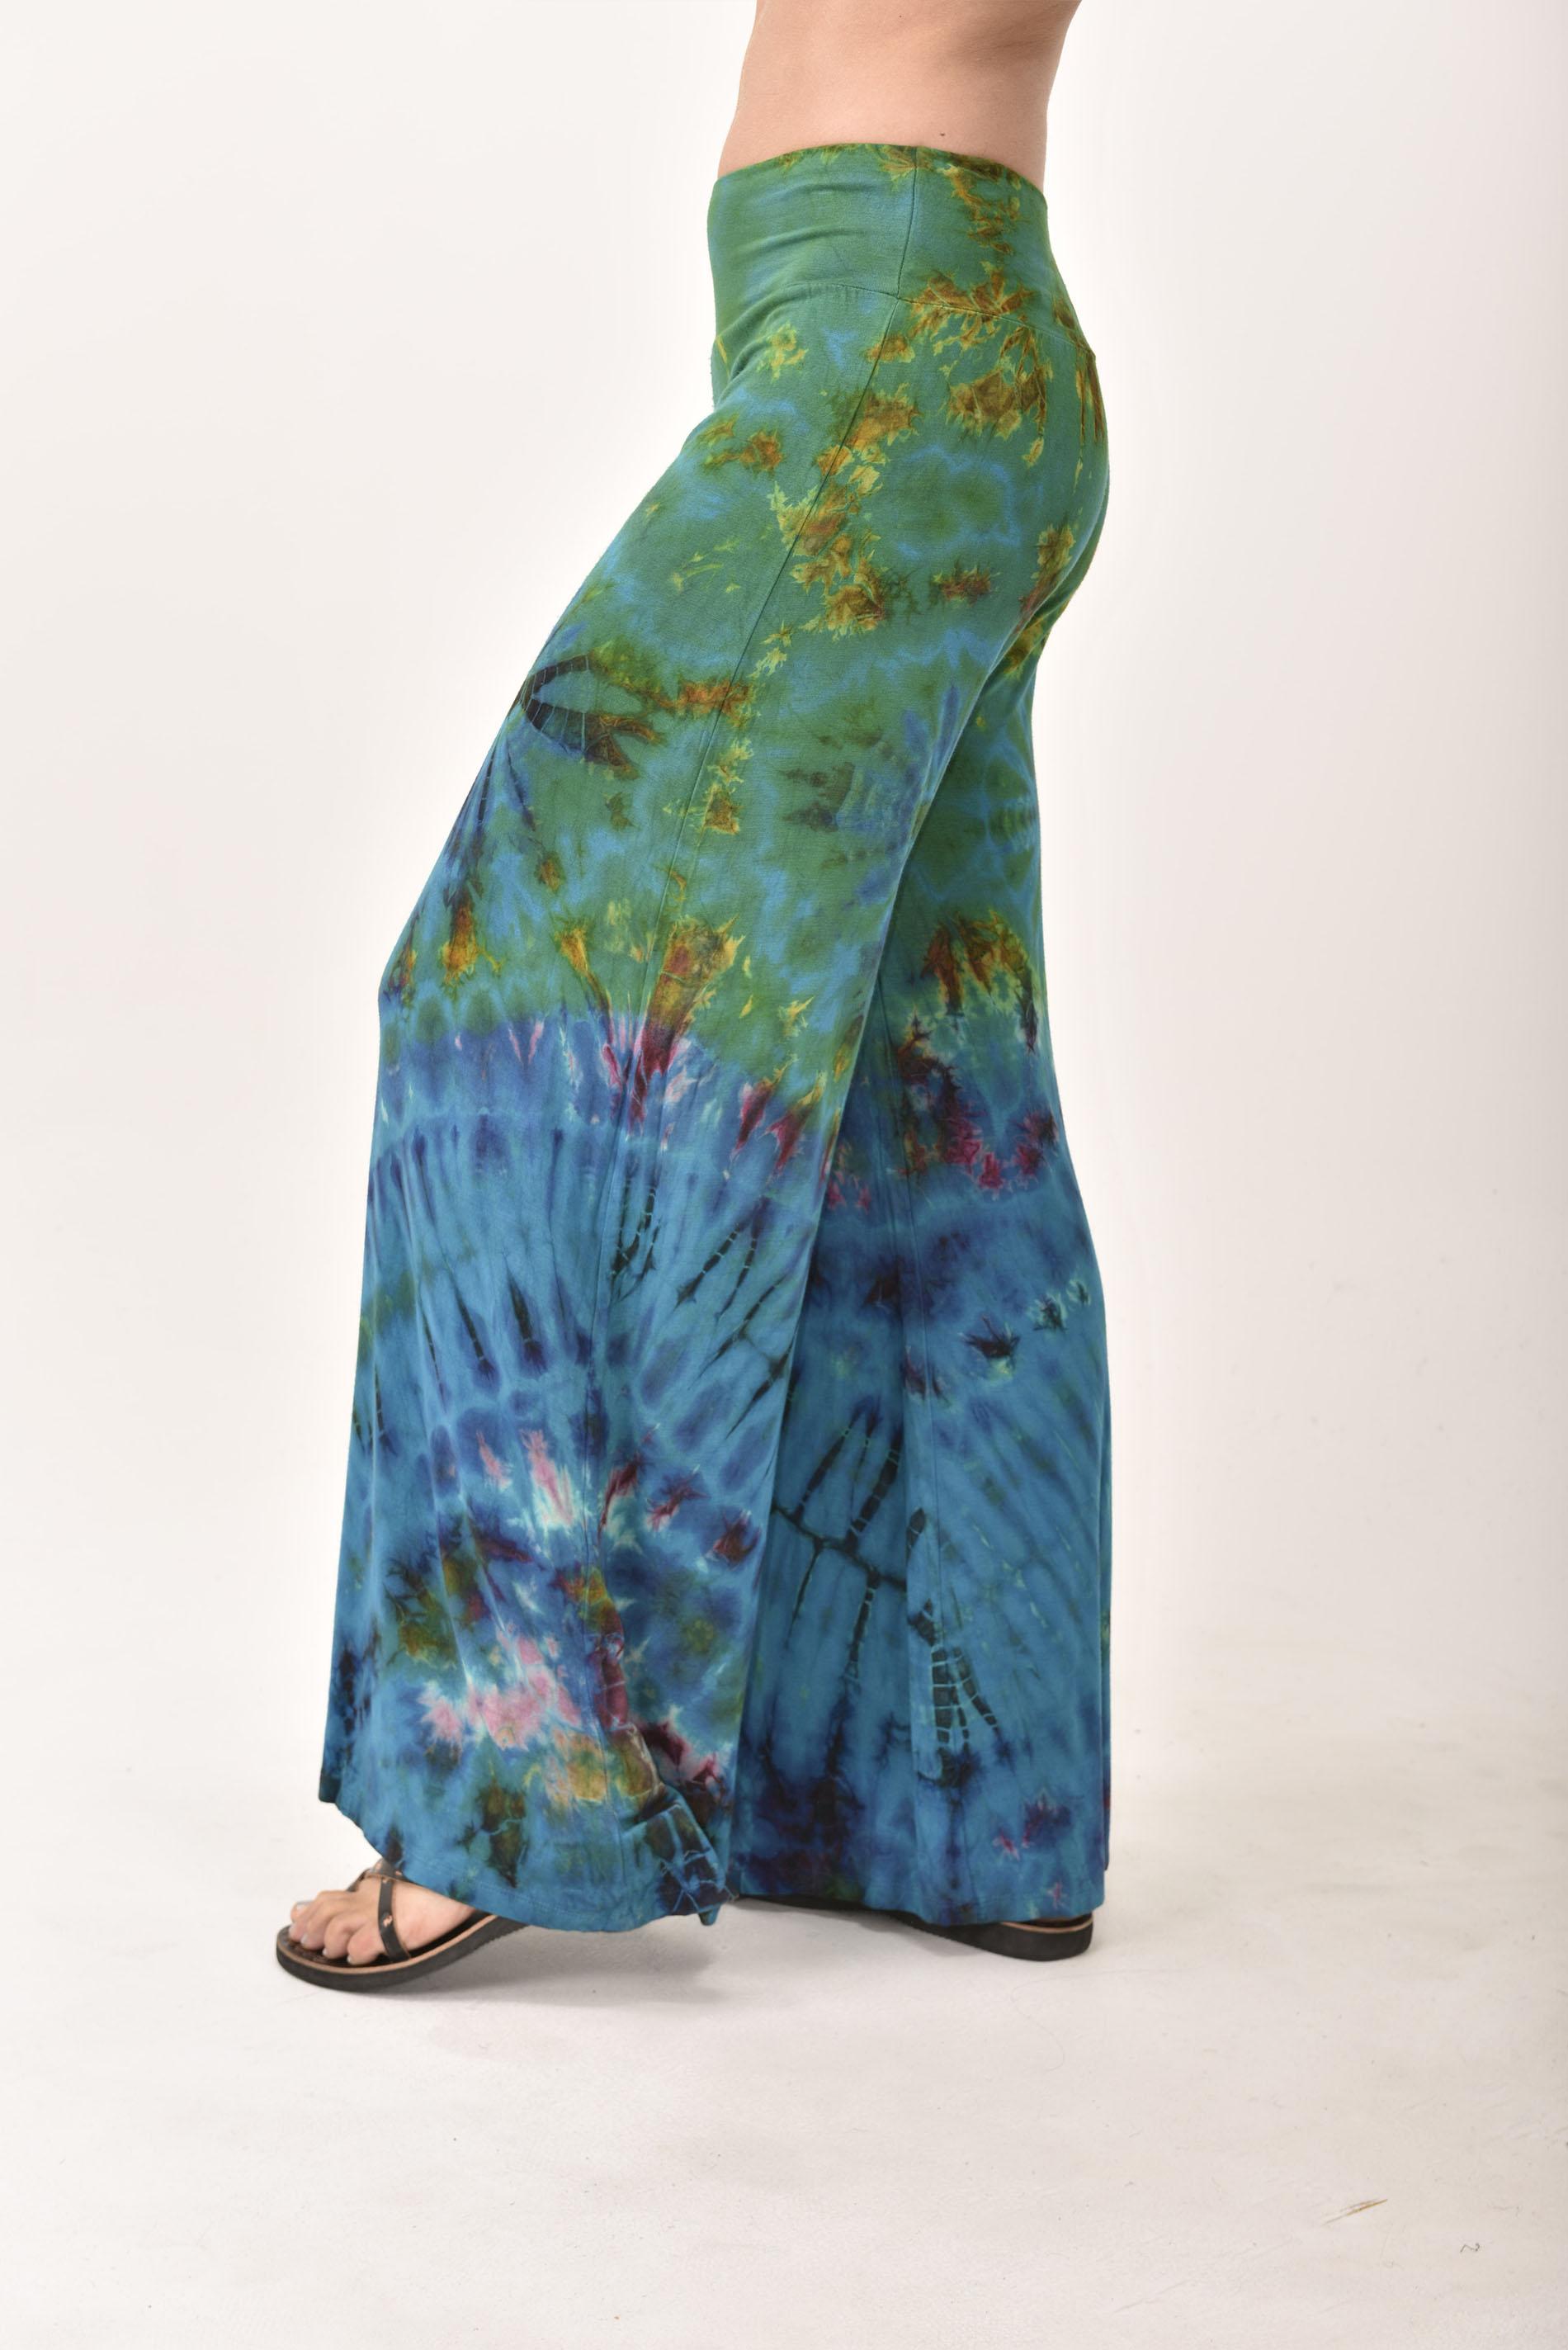 Wide Leg Pants Hand Painted Tie Dye, Black Tan